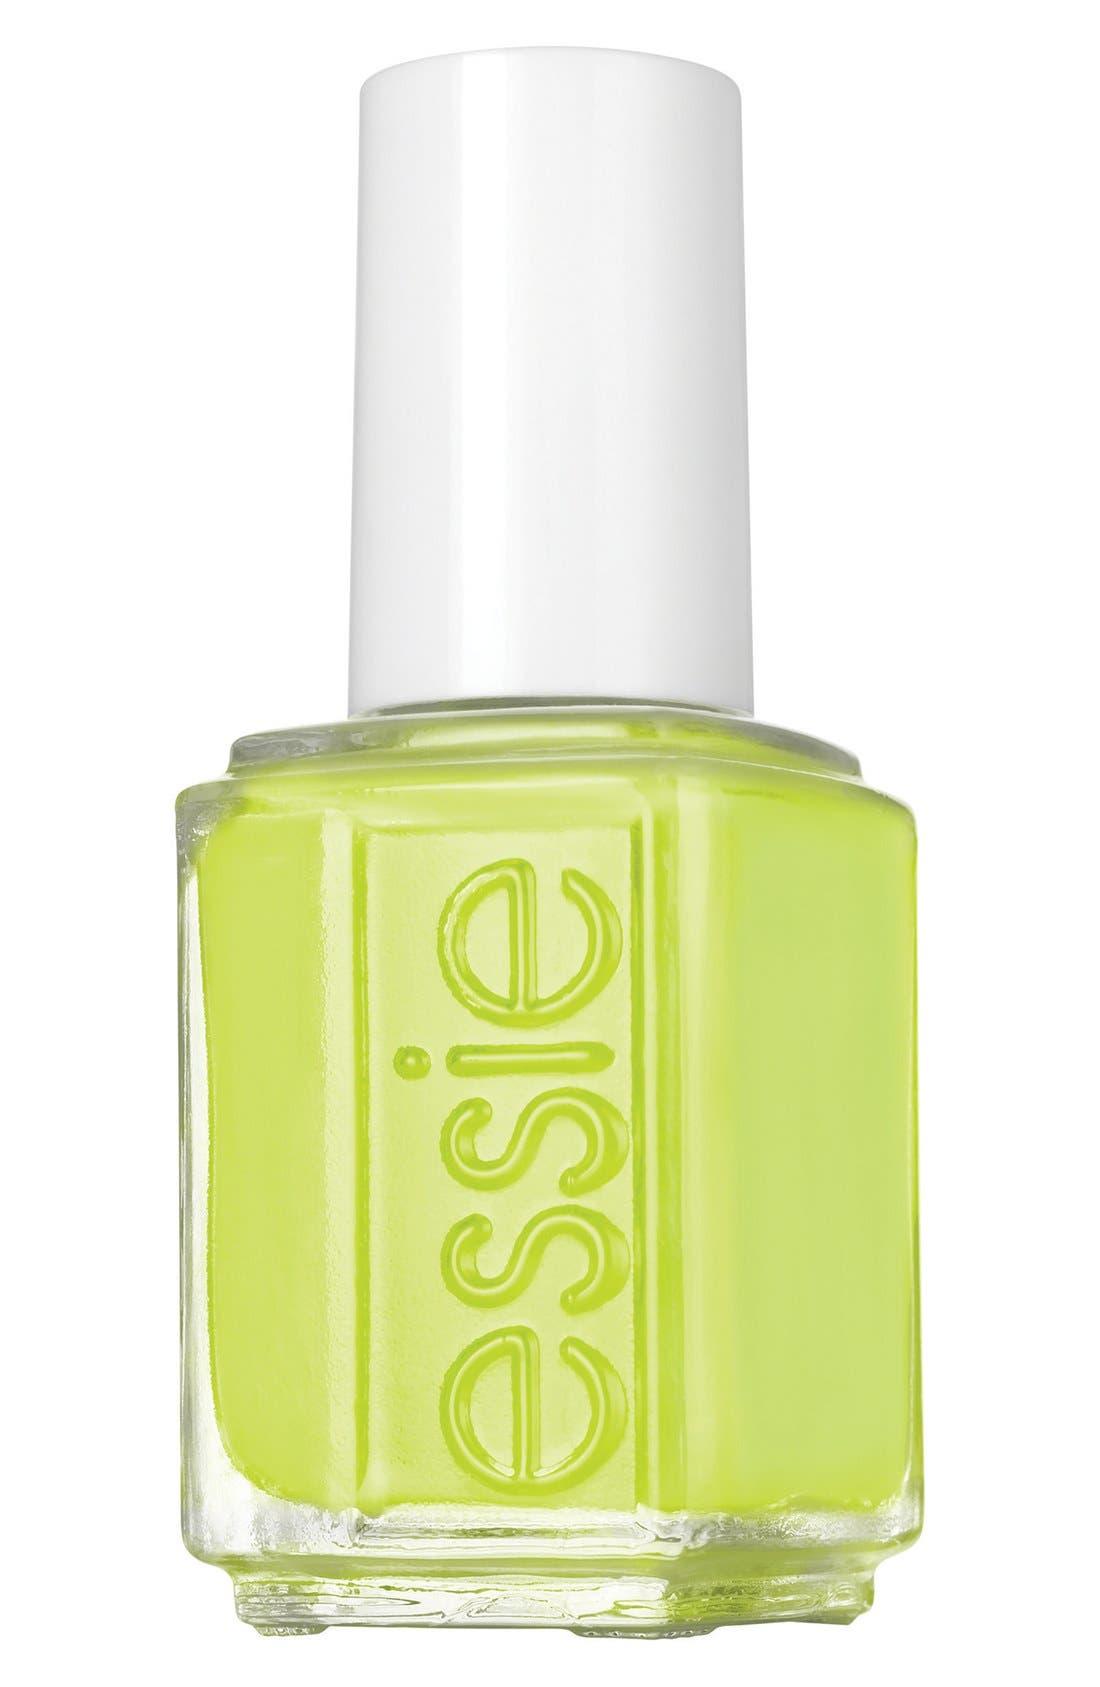 essie® 'Neons' Matte Nail Polish